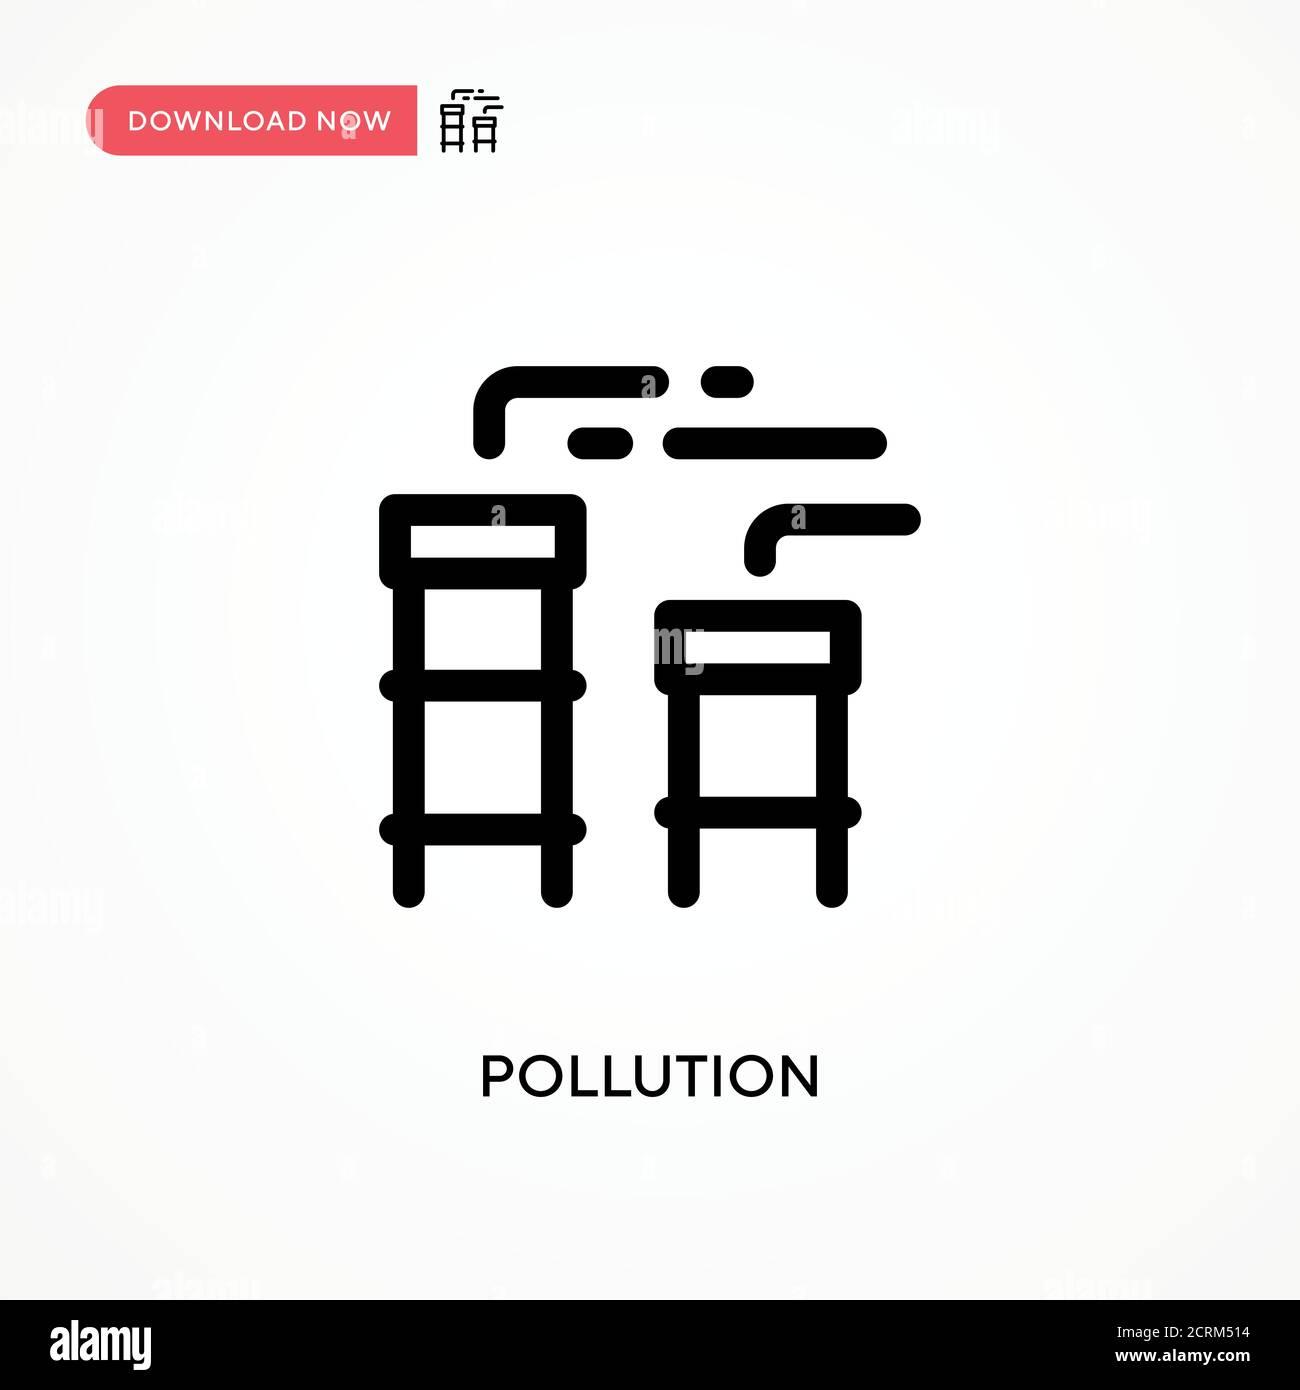 Contaminación simple vector icono. Ilustración moderna y sencilla de vector plano para sitio web o aplicación móvil Ilustración del Vector